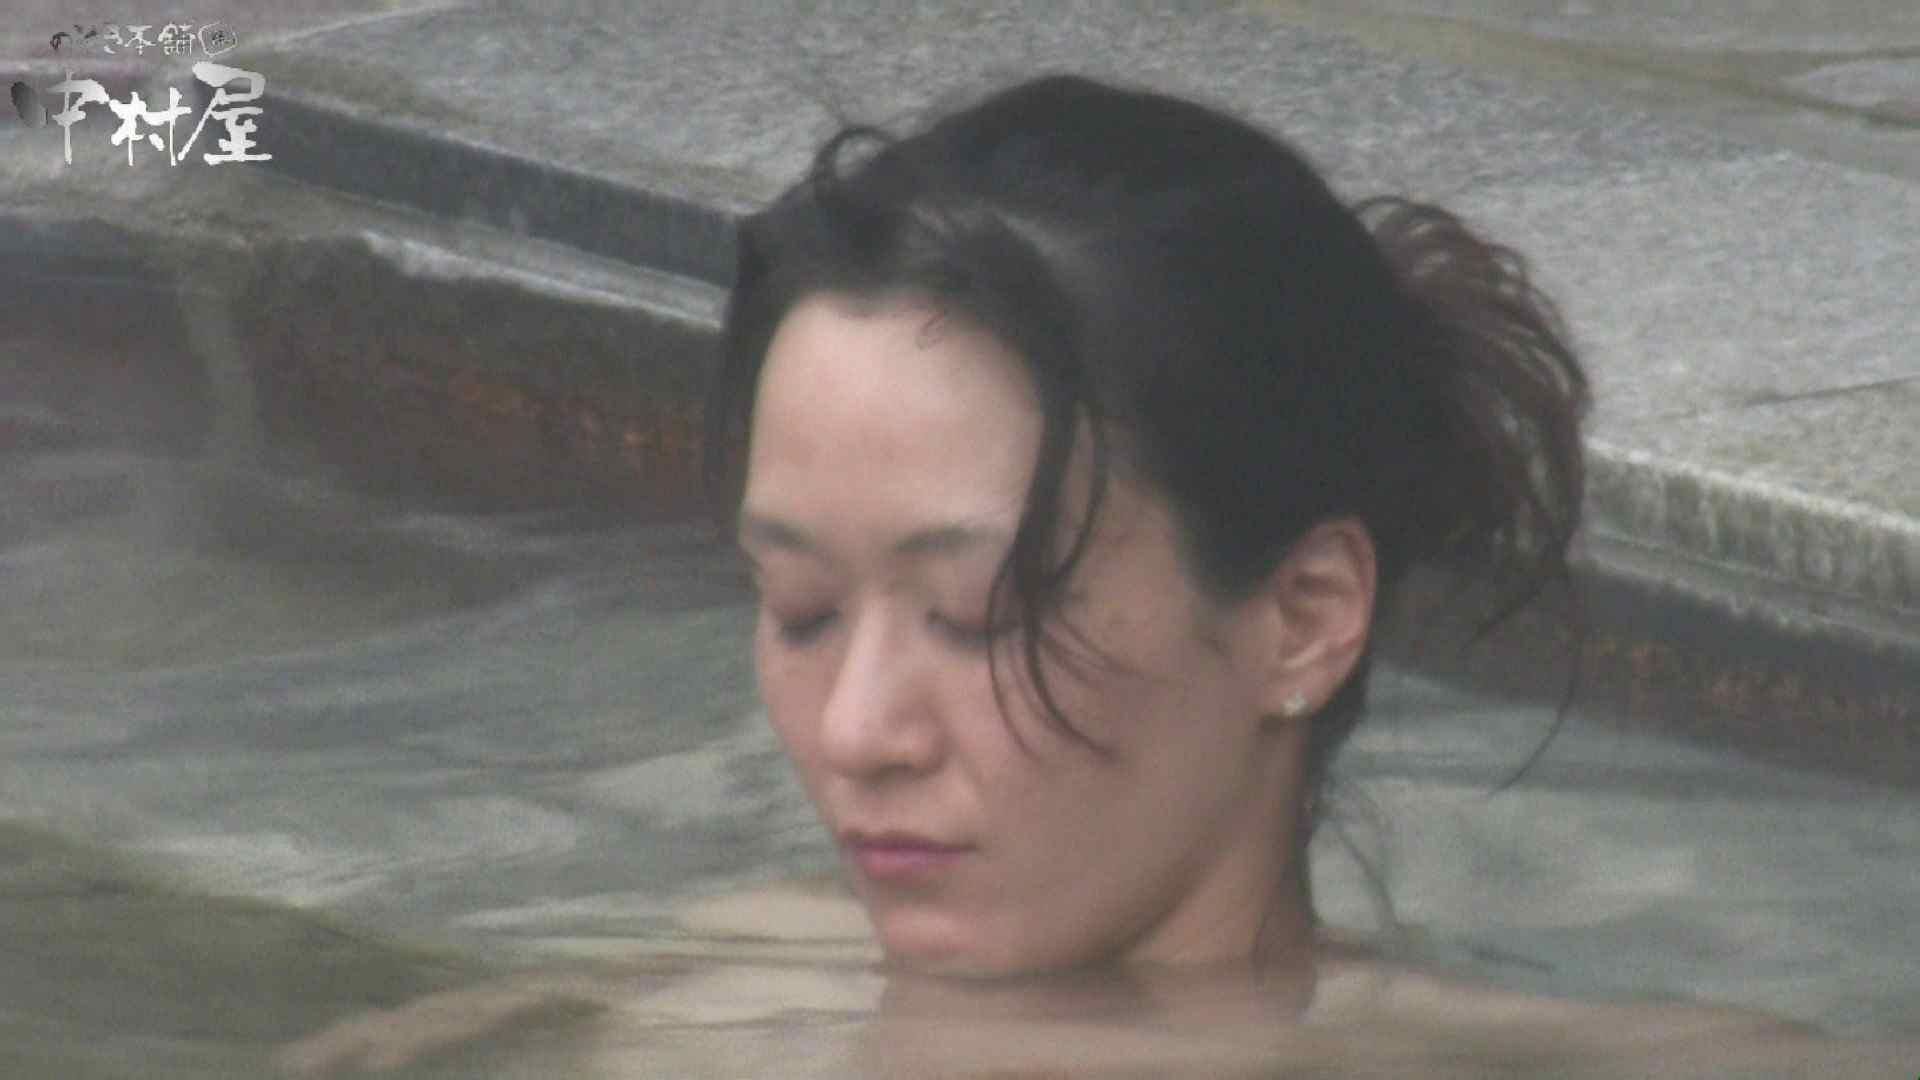 Aquaな露天風呂Vol.928 露天 ワレメ動画紹介 99画像 74